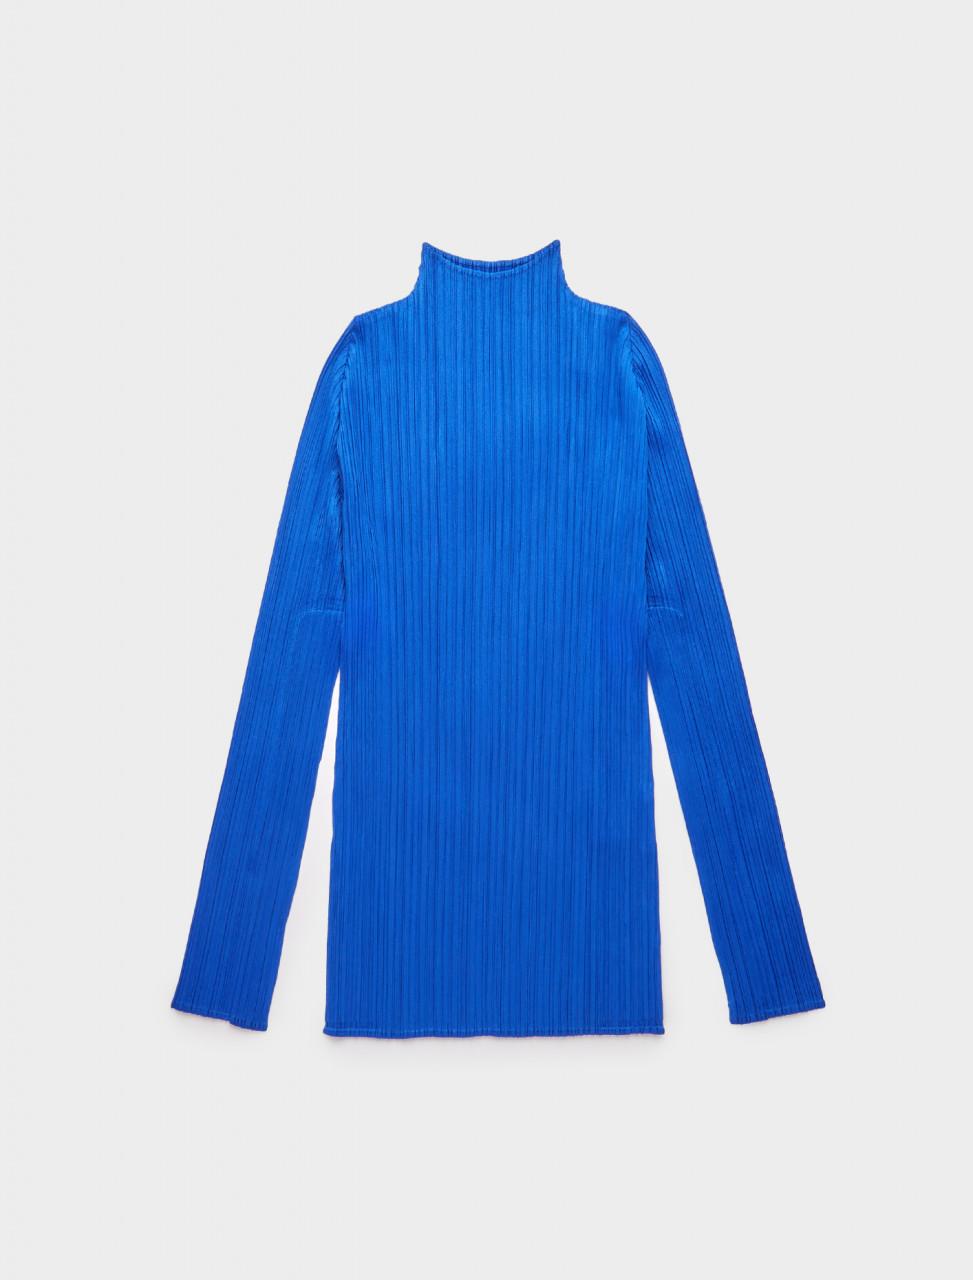 286-PP08JK904-72 ISSEY MIYAKE PP09 JK904 HOMME PLISSE HIGH NECK TOP BLUE